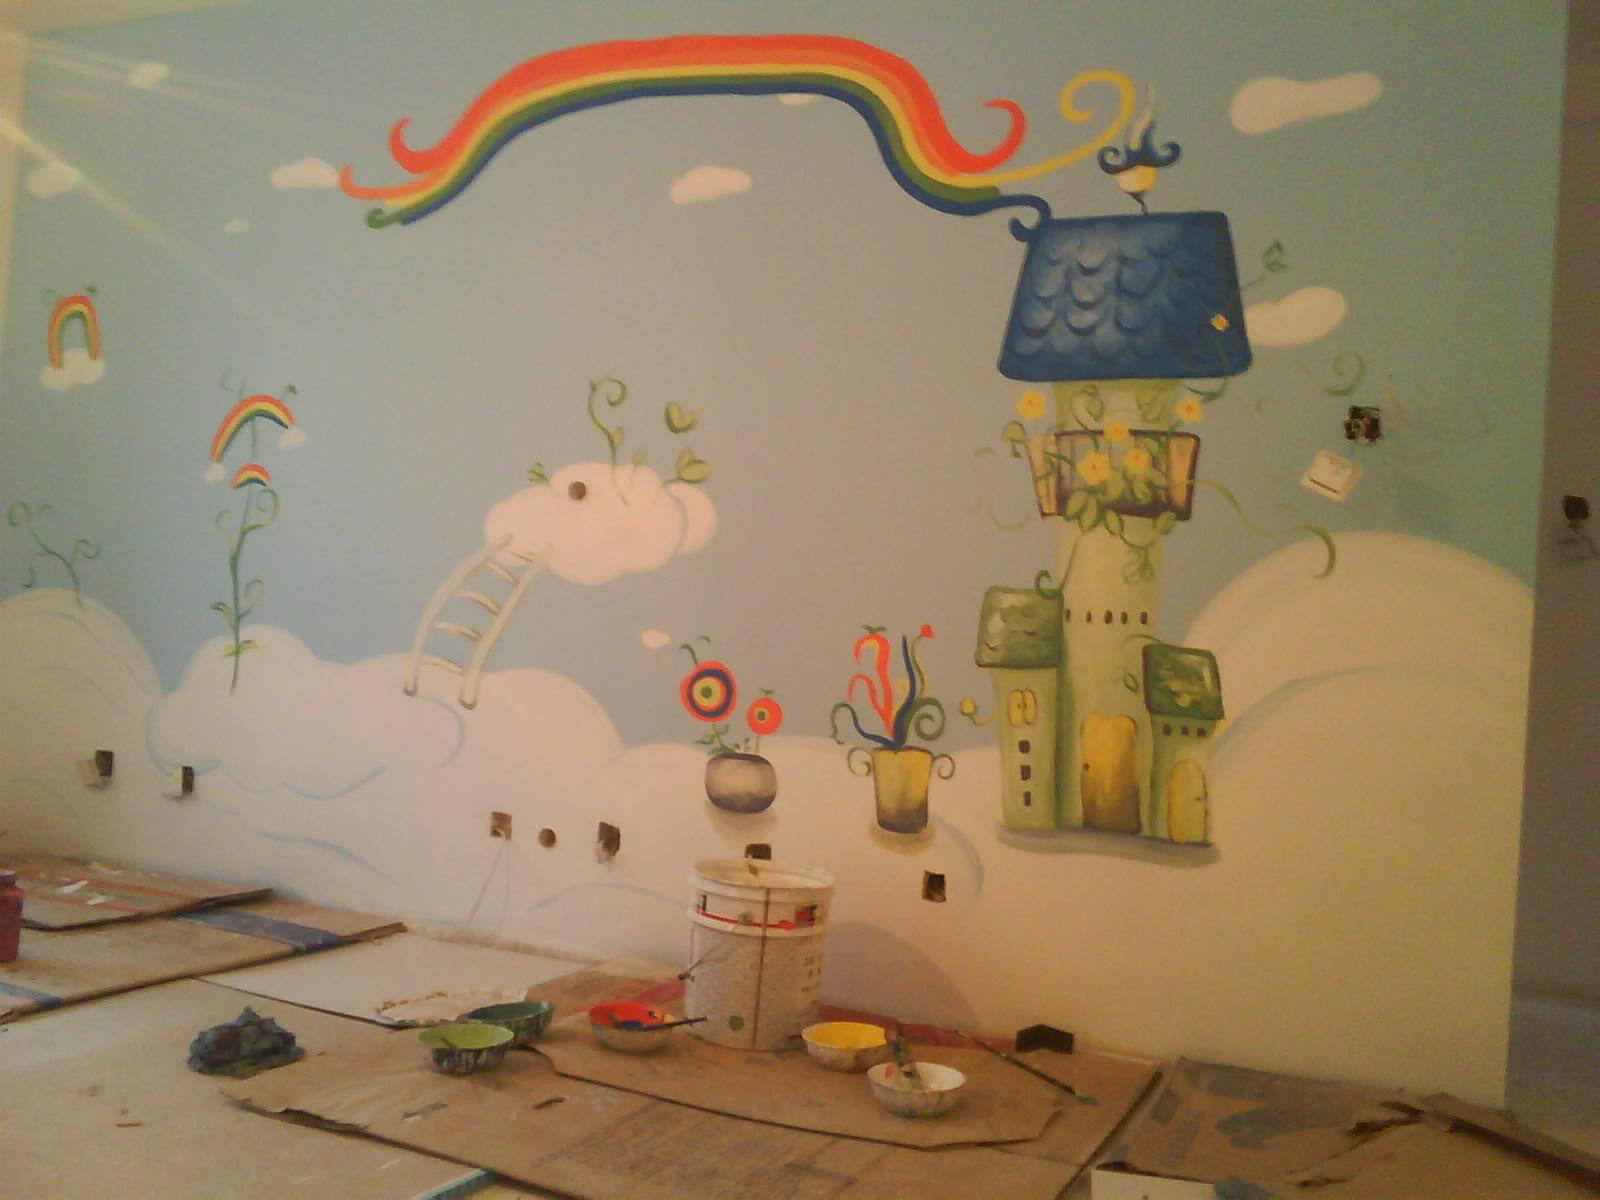 手绘墙对于一个设计师来说不能说雪中送炭